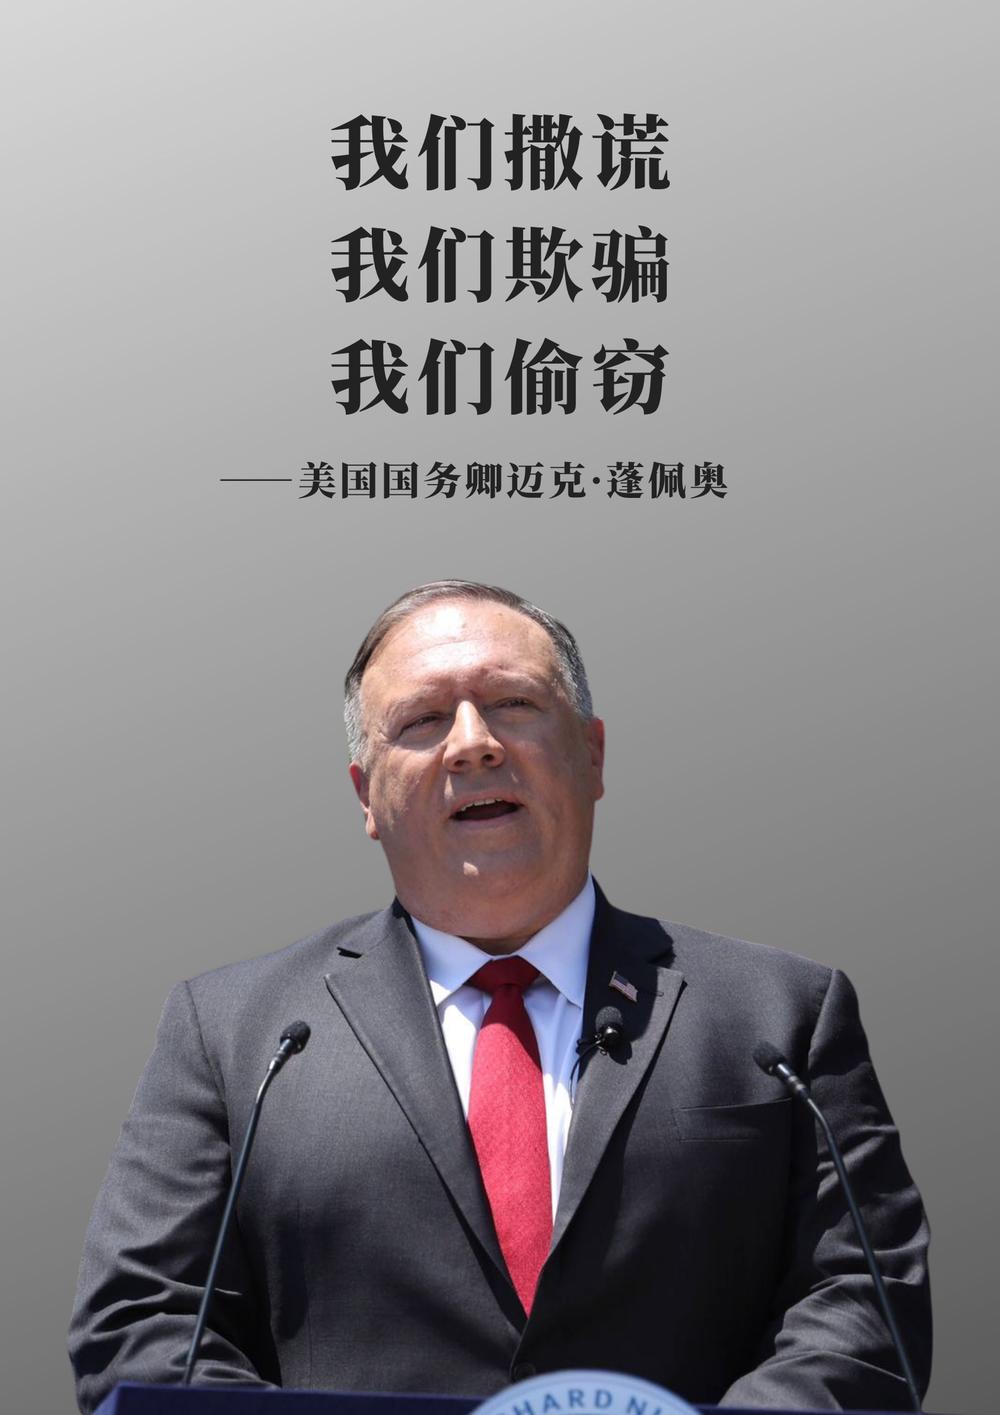 """绍兴纺织:张口瞎话,云云国务卿被批""""史上最差"""""""